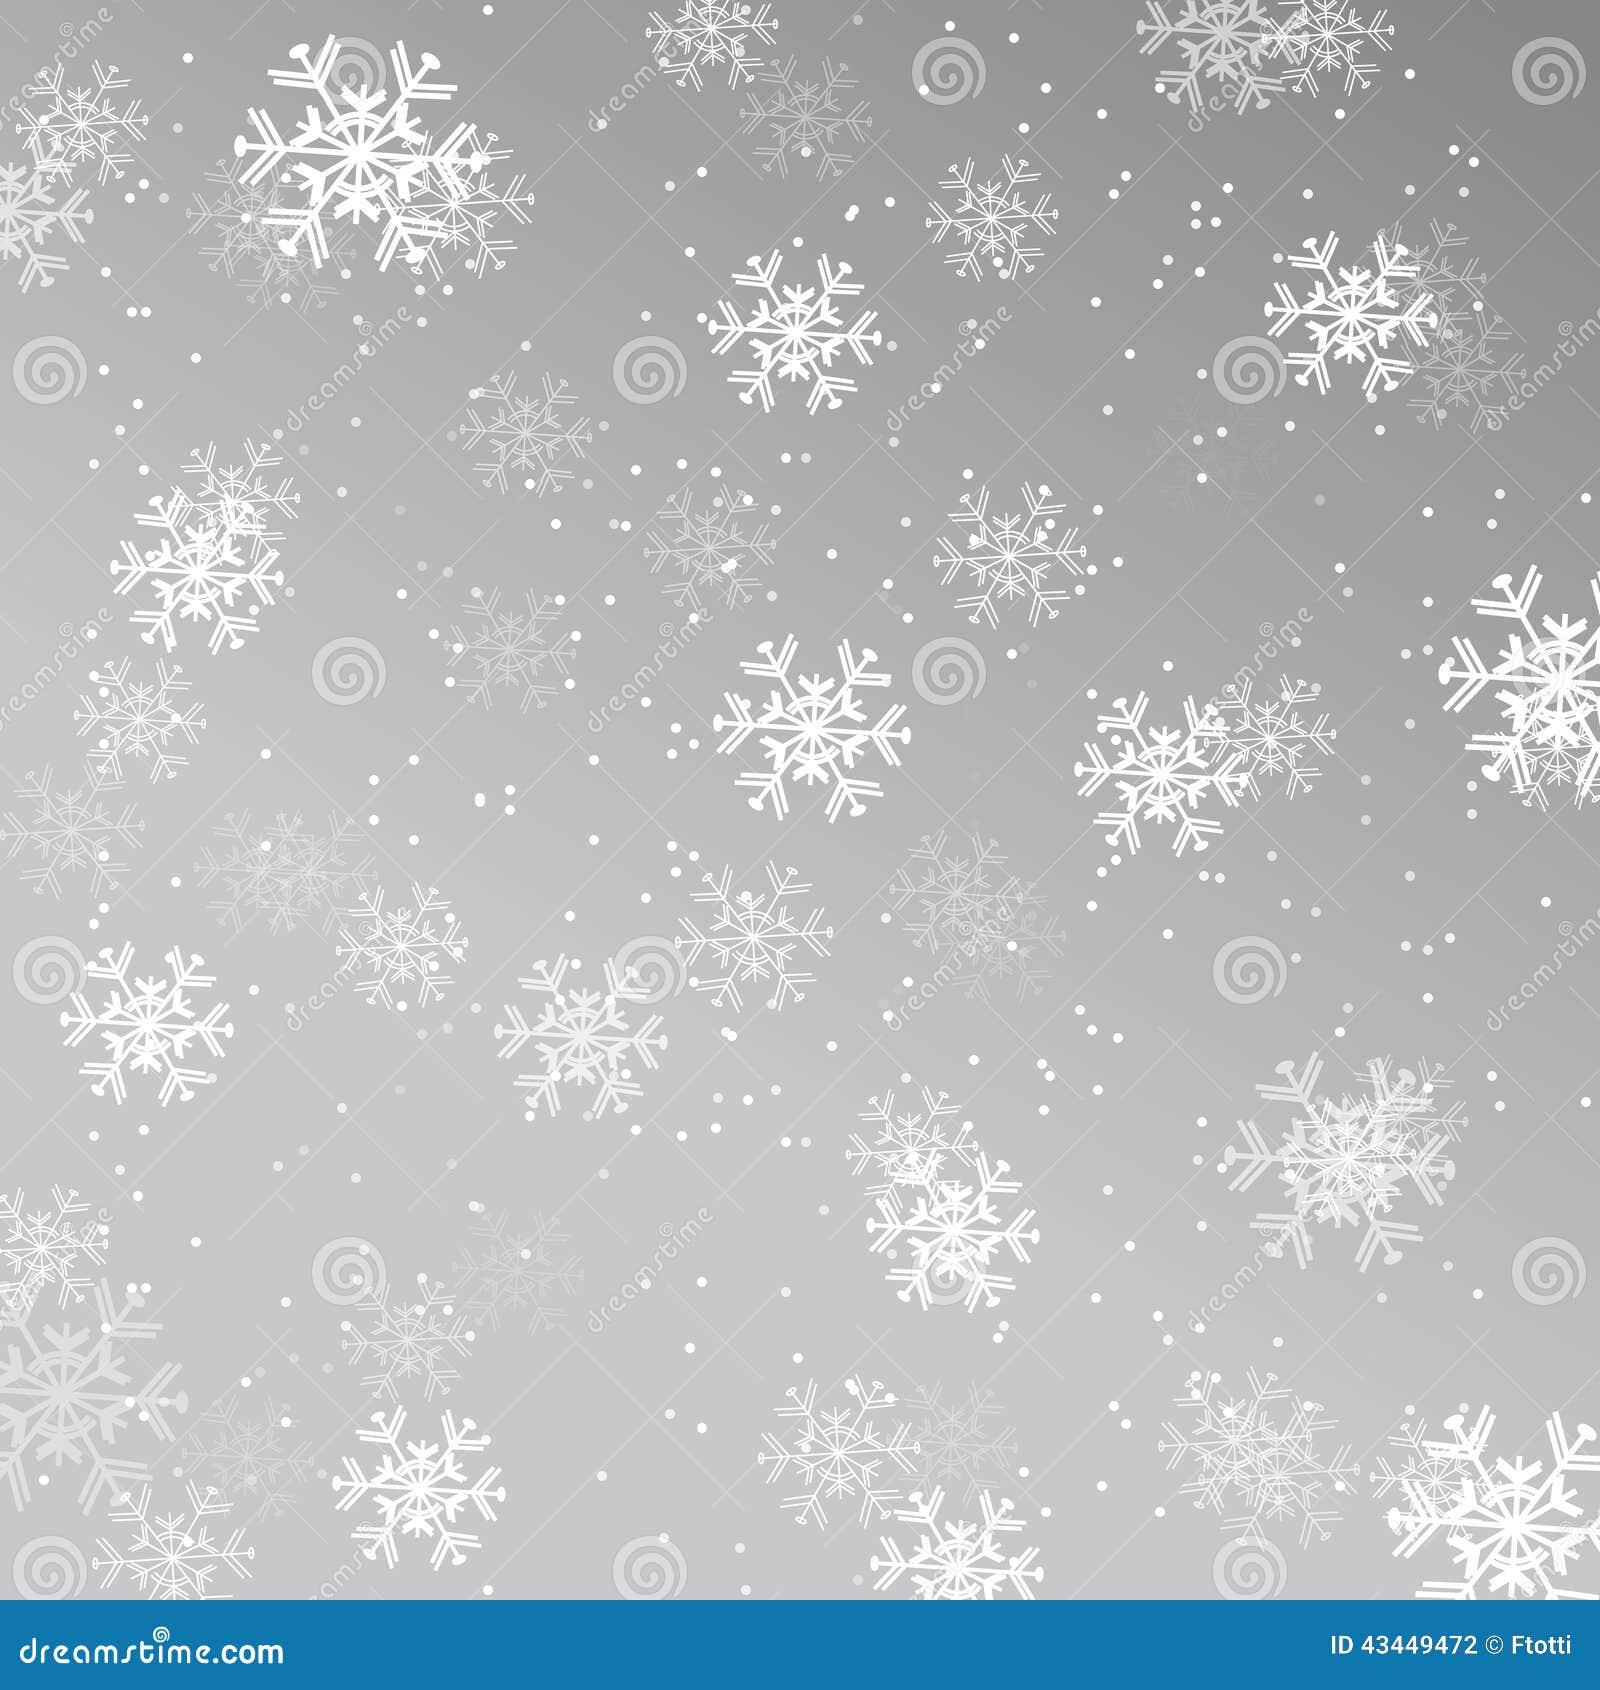 Papier peint de no l fond avec des flocons de neige illustration de vecteur image 43449472 - Papier peint reine des neiges ...